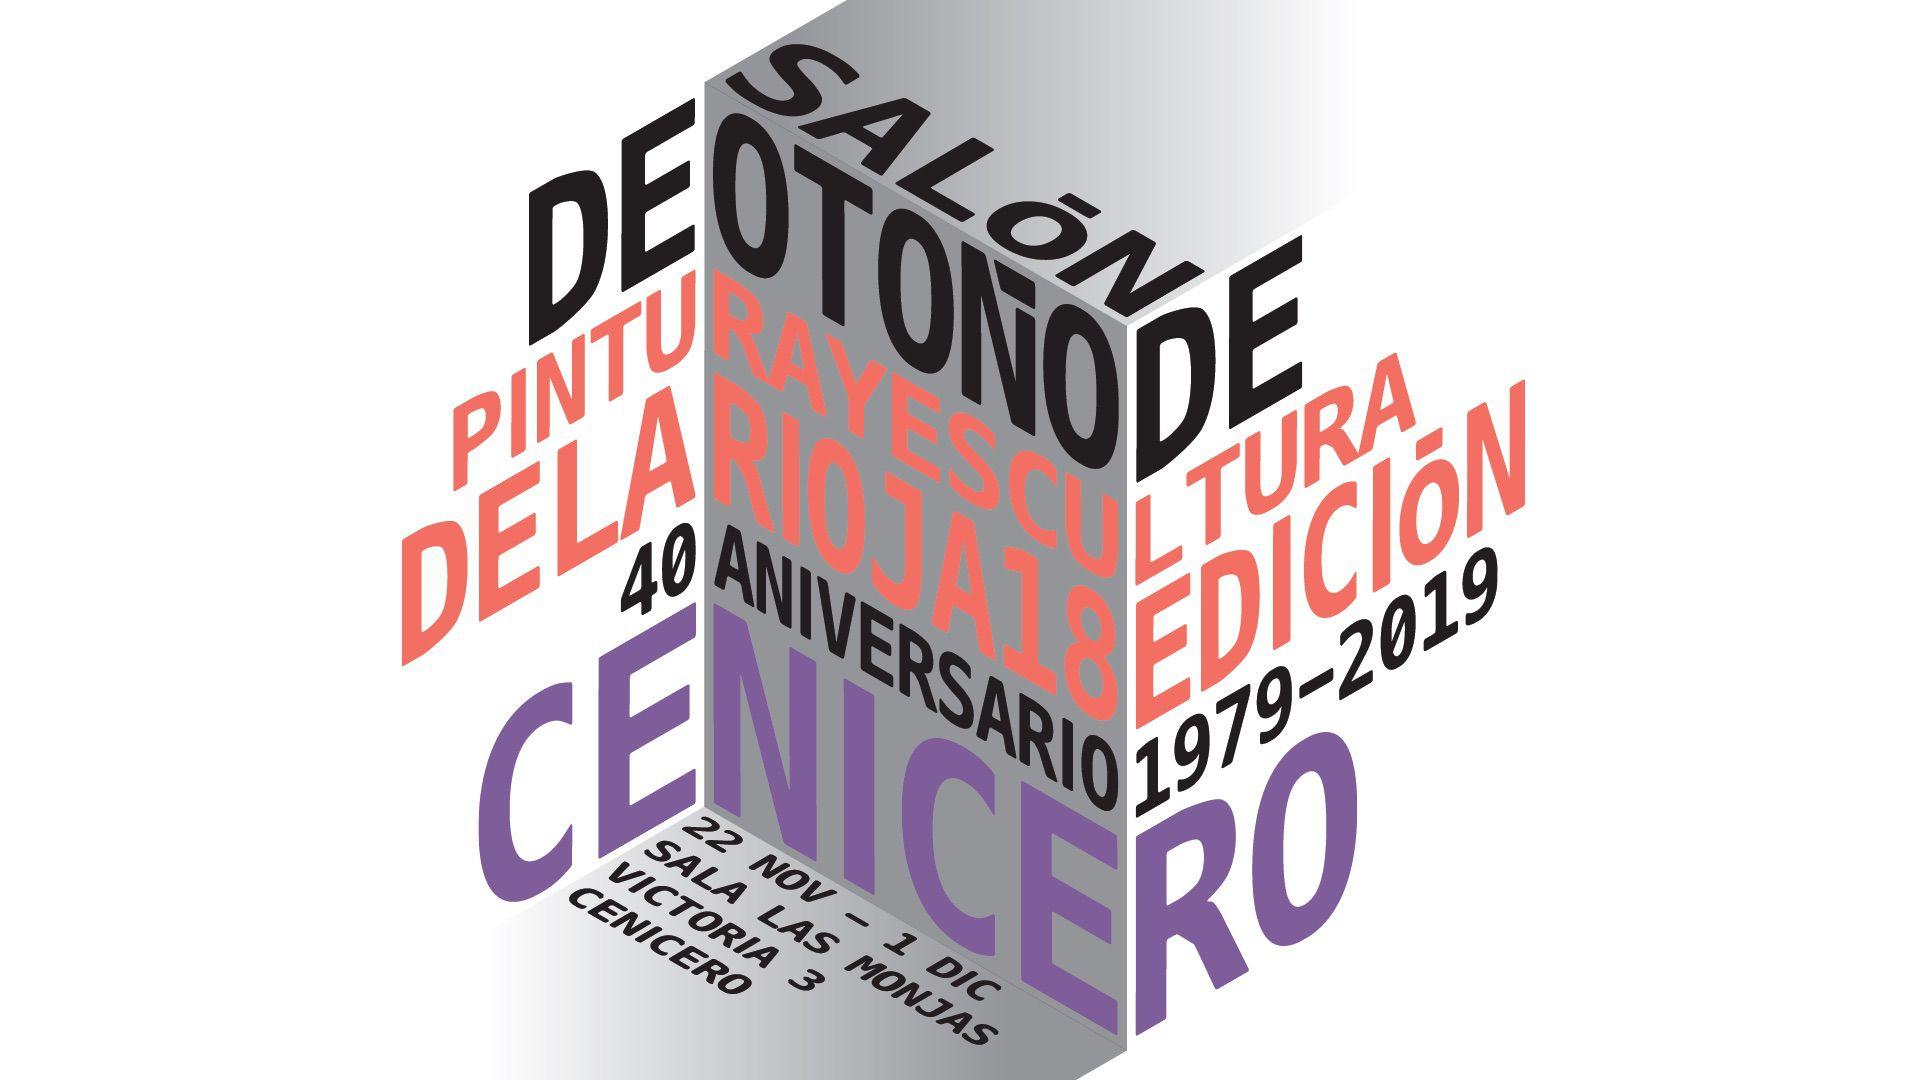 Guía de La Rioja. XVIII edición del Salón de Otoño de Pintura y Escultura de La Rioja